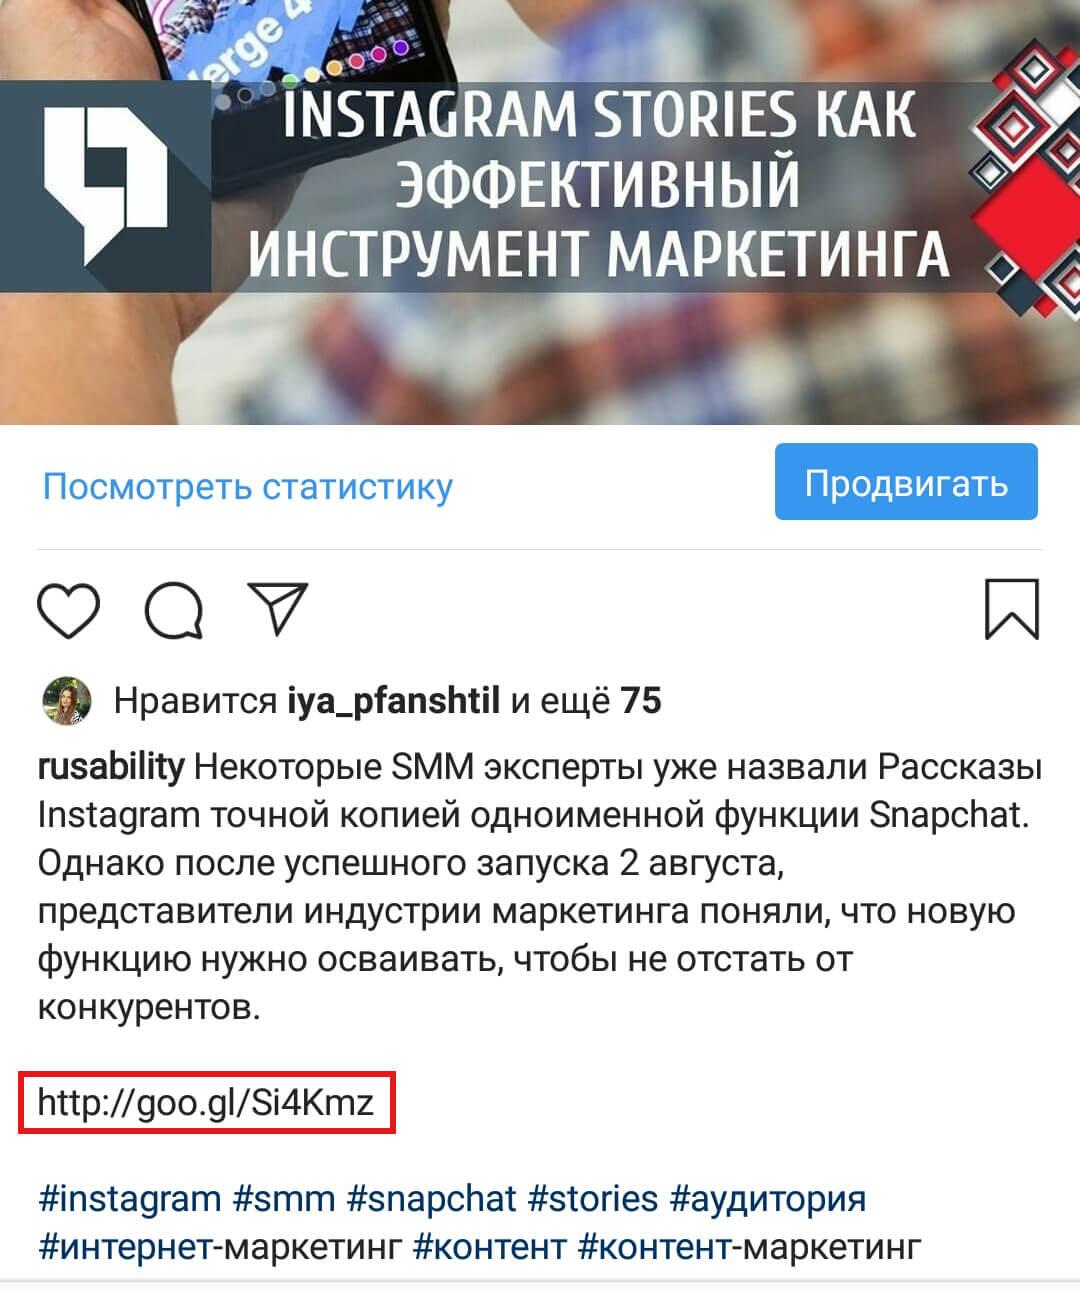 kak-dobavit-ssylku-v-instagram-9-sposobov-8